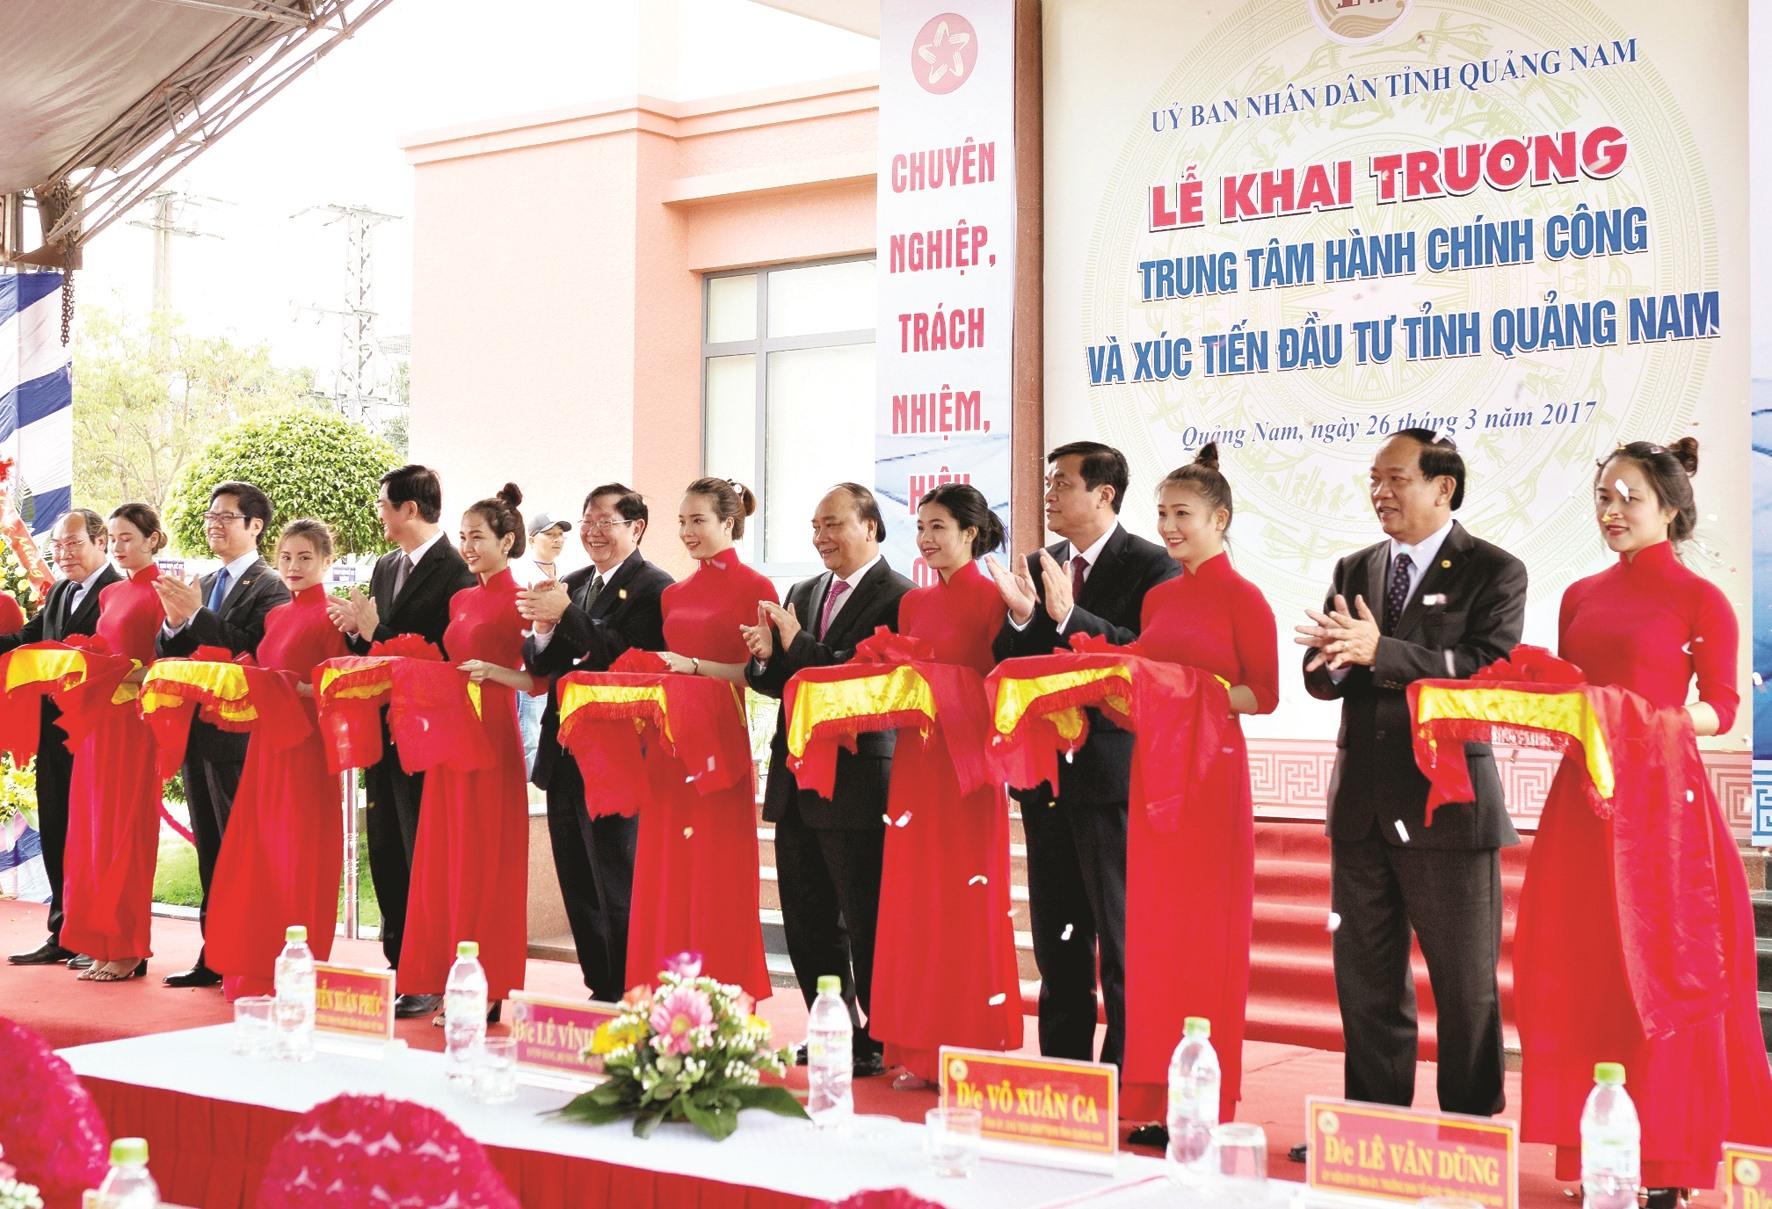 Thủ tướng Chính phủ Nguyễn Xuân Phúc dự lễ khai trương Trung tâm Hành chính công tỉnh ngày 26.3.2017. Ảnh: TTHCC